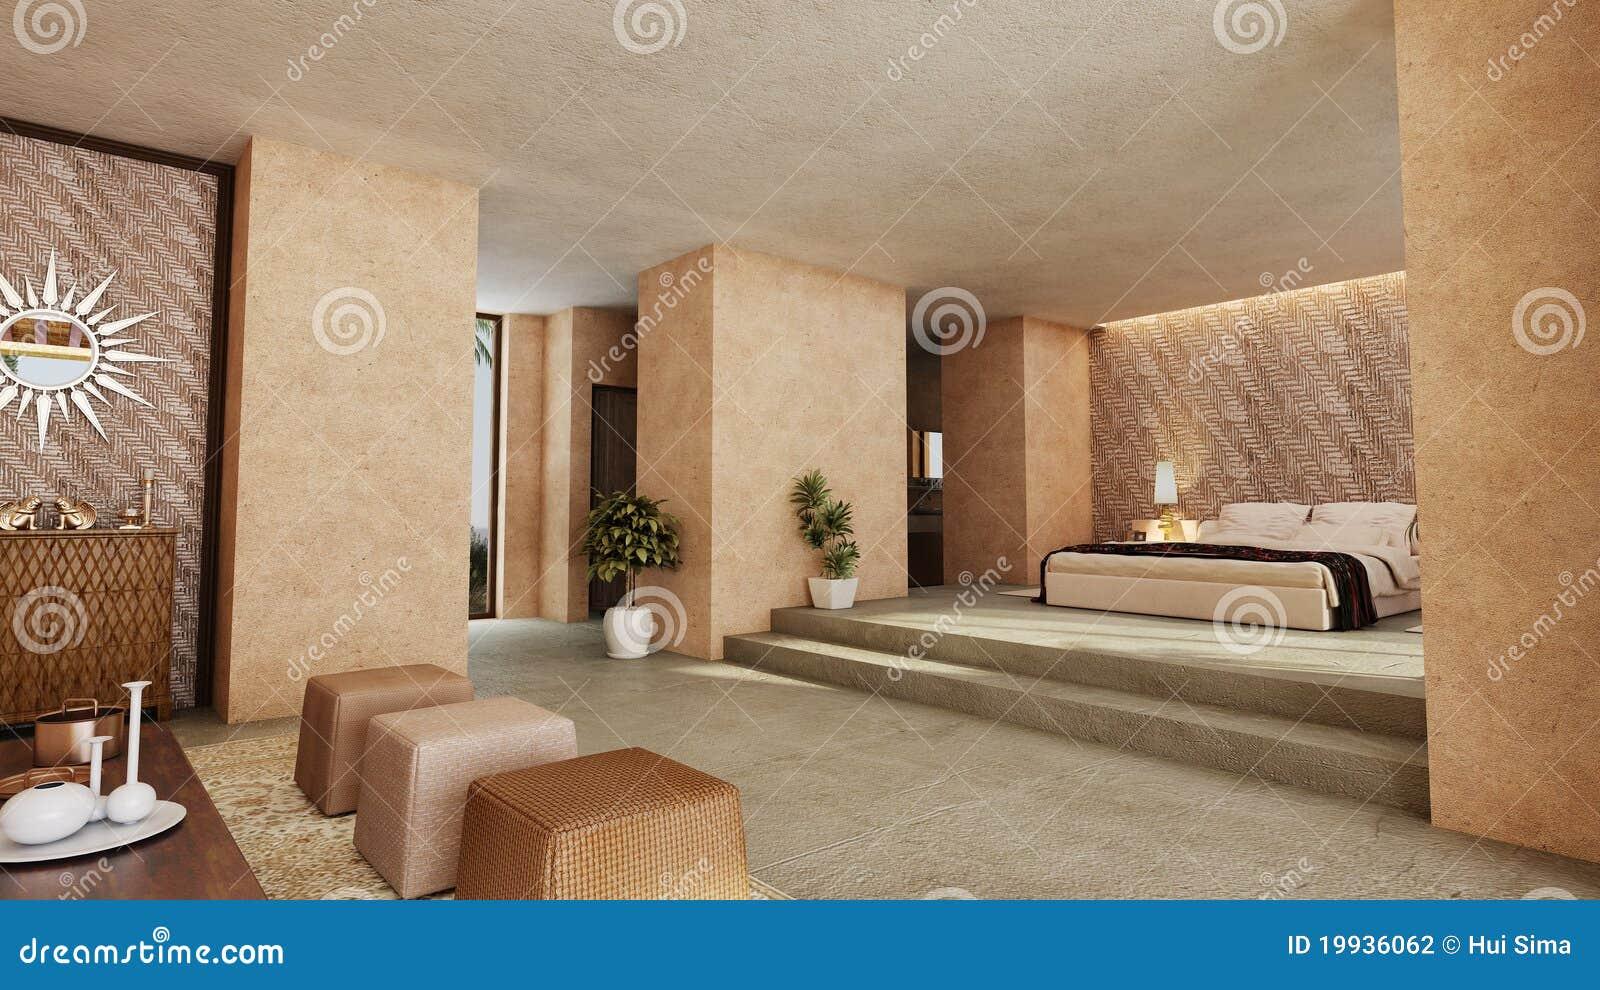 Slaapkamer arabische stijl digtotaal - Slaapkamer stijl ...